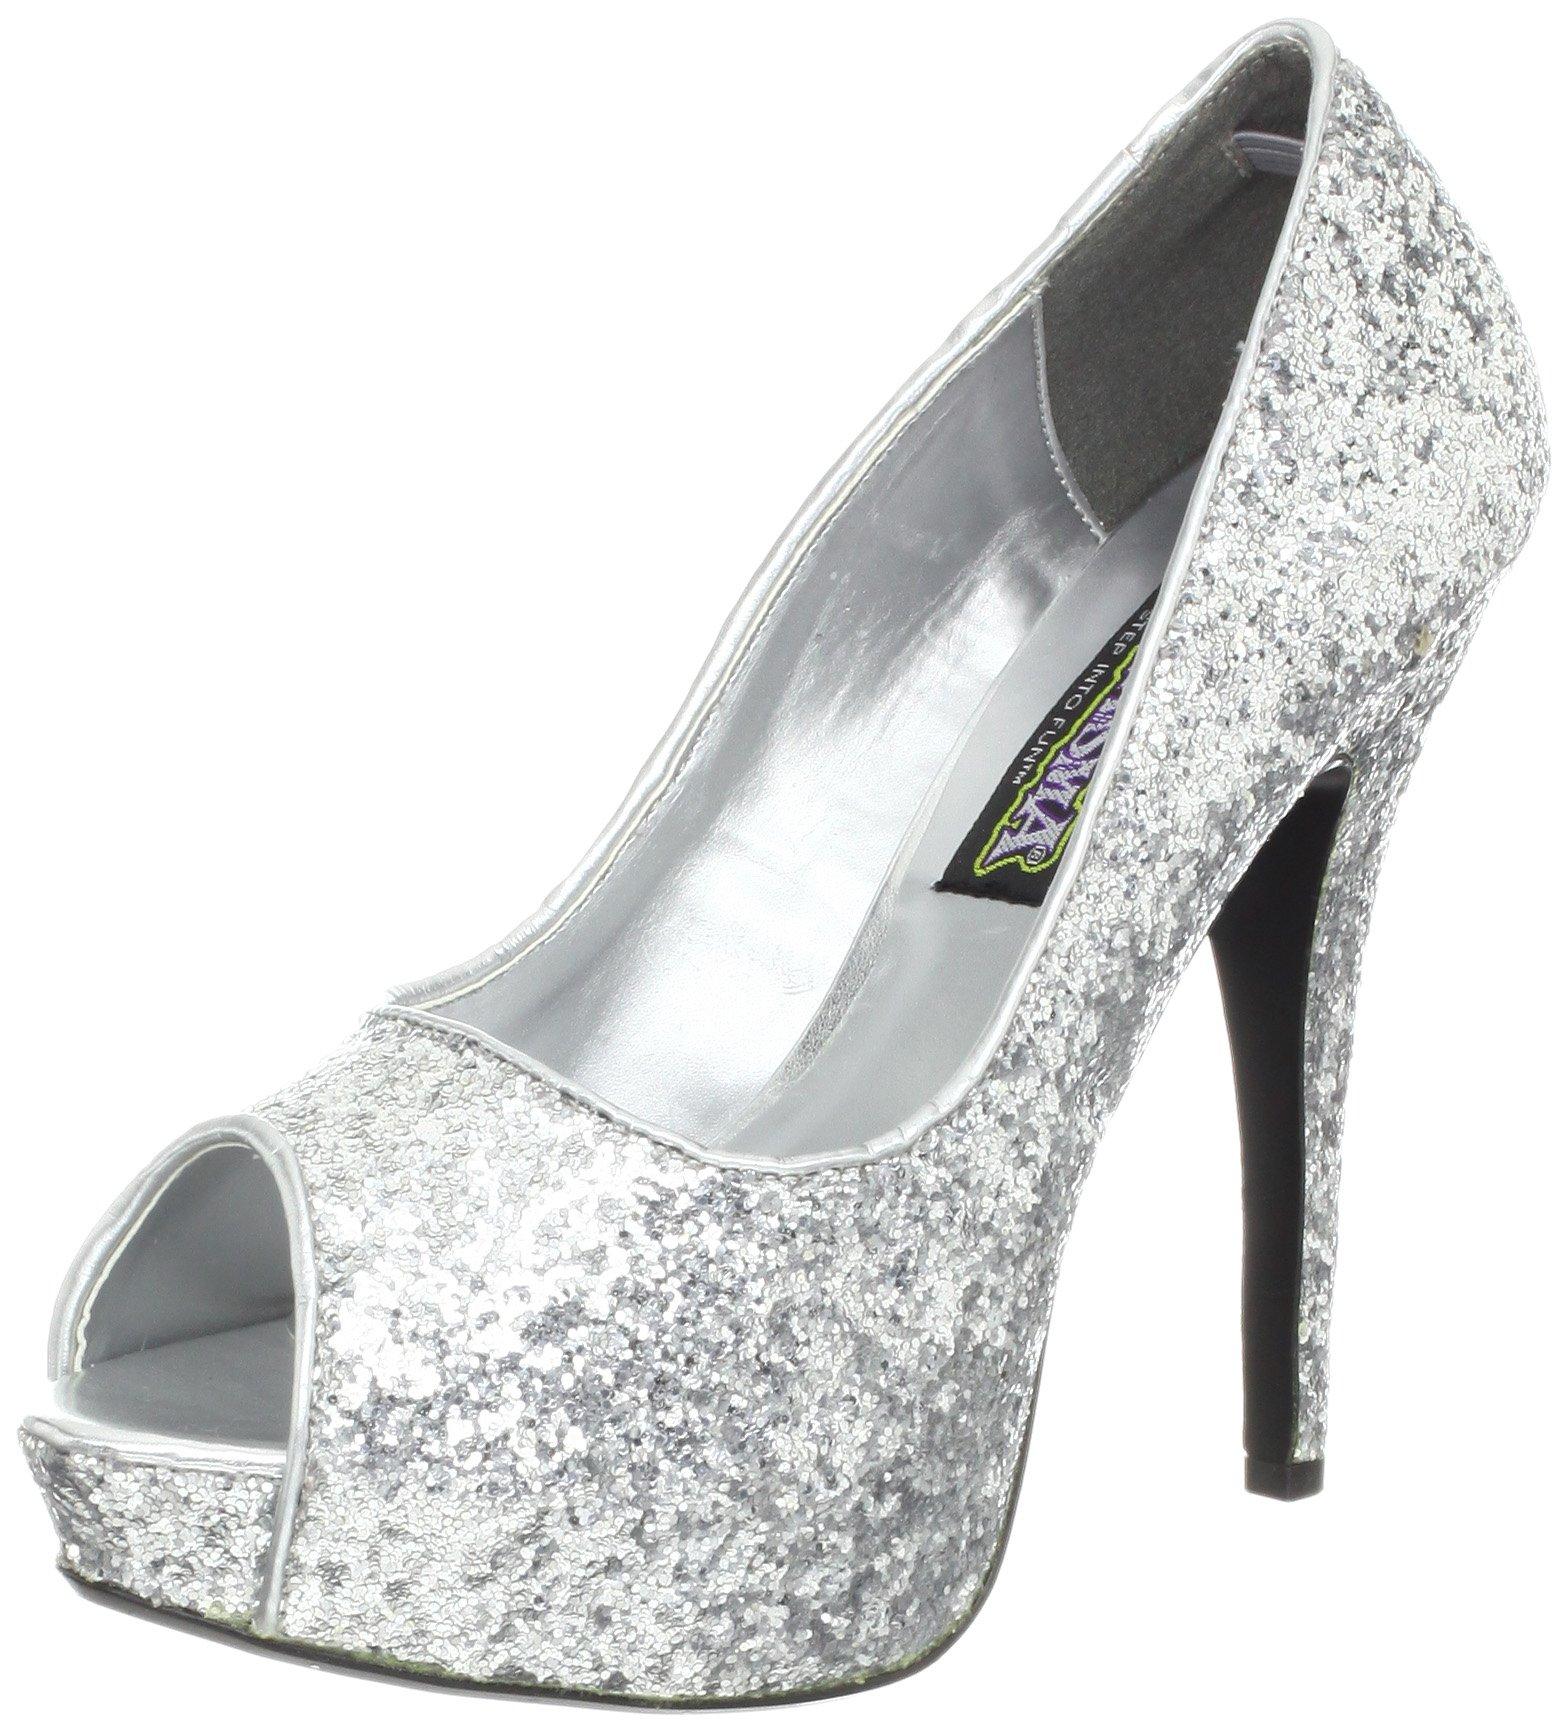 39ea5268da175 Funtasma Women's Twinkle 18G S Peep-Toe Pump,Silver Glitter,8 M US